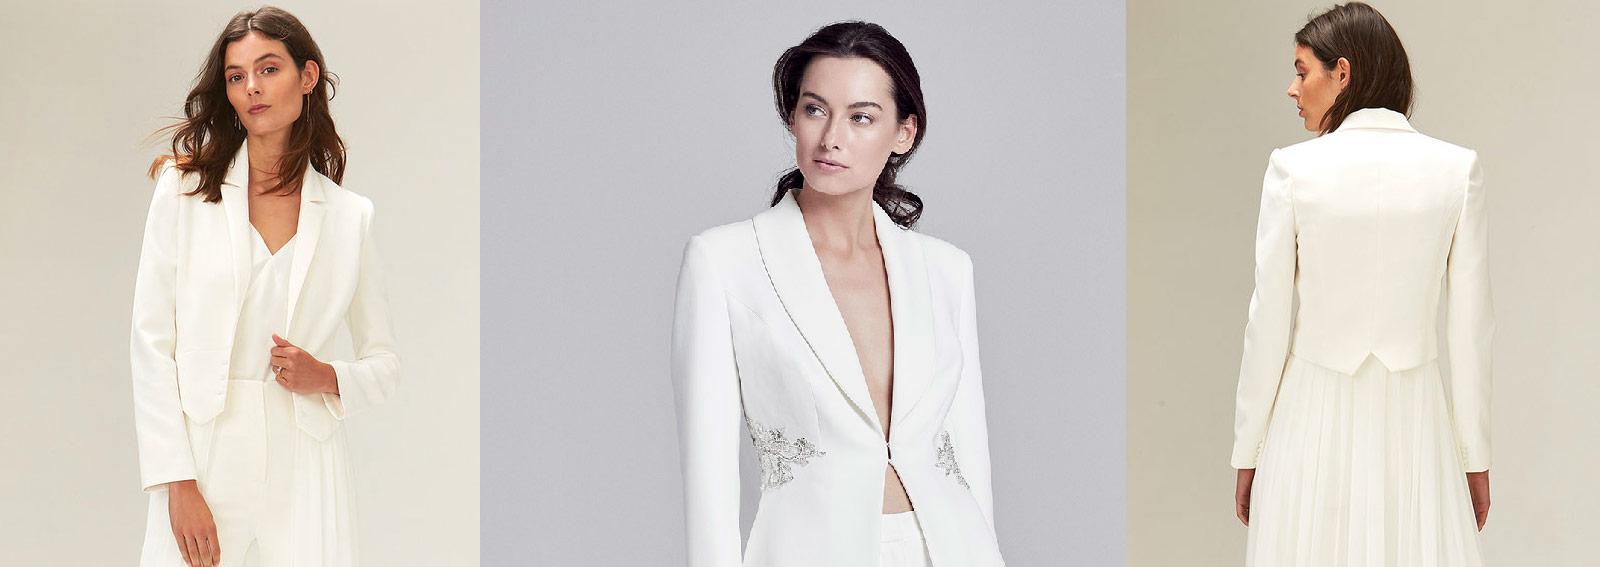 COVER-sposa-tailleur-DESKTOP